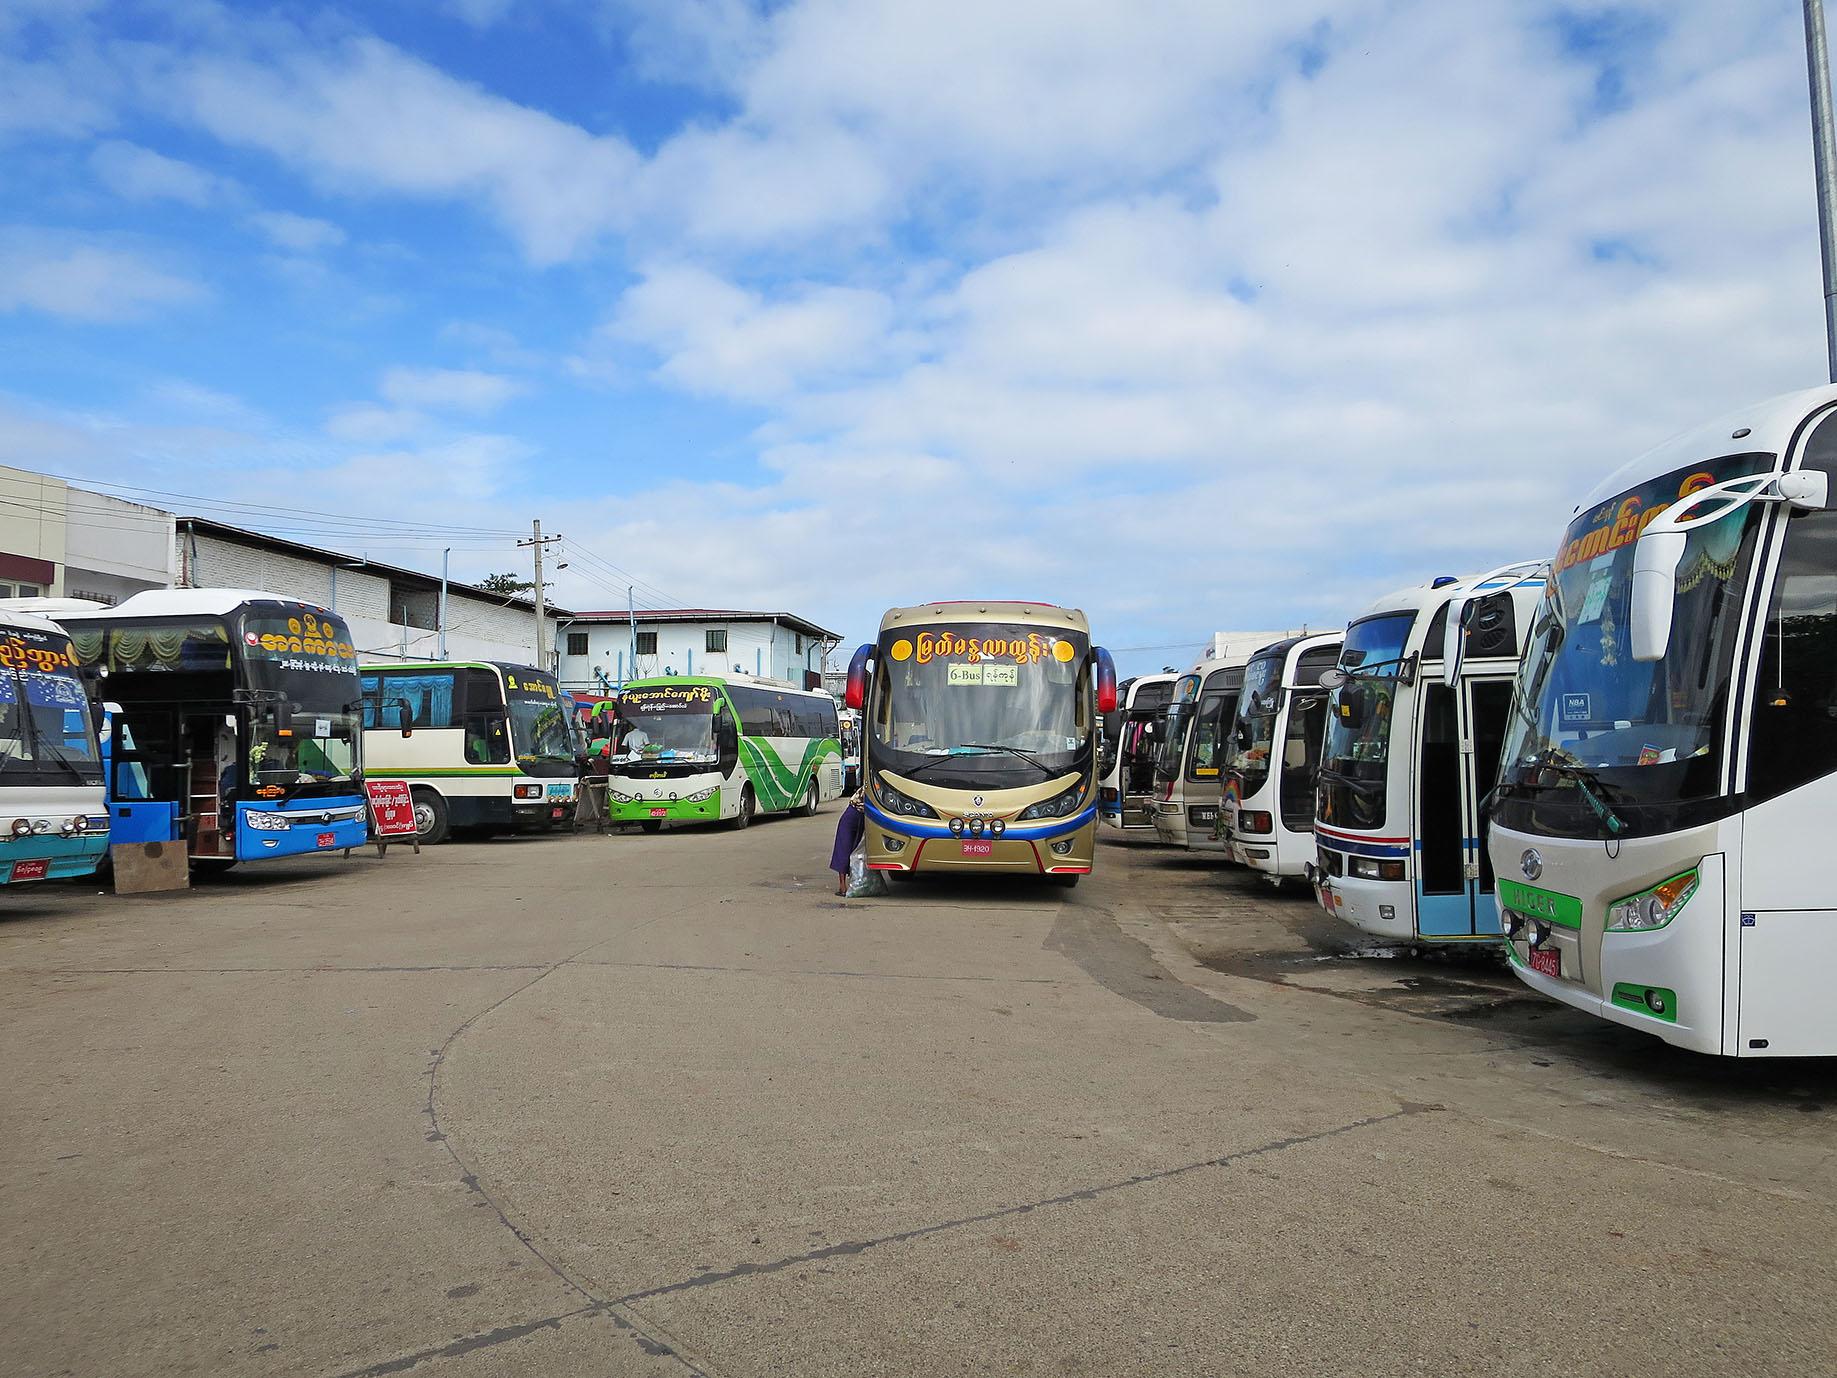 おびただしい数の長距離バスが発着するアウンミンガラーバスターミナル